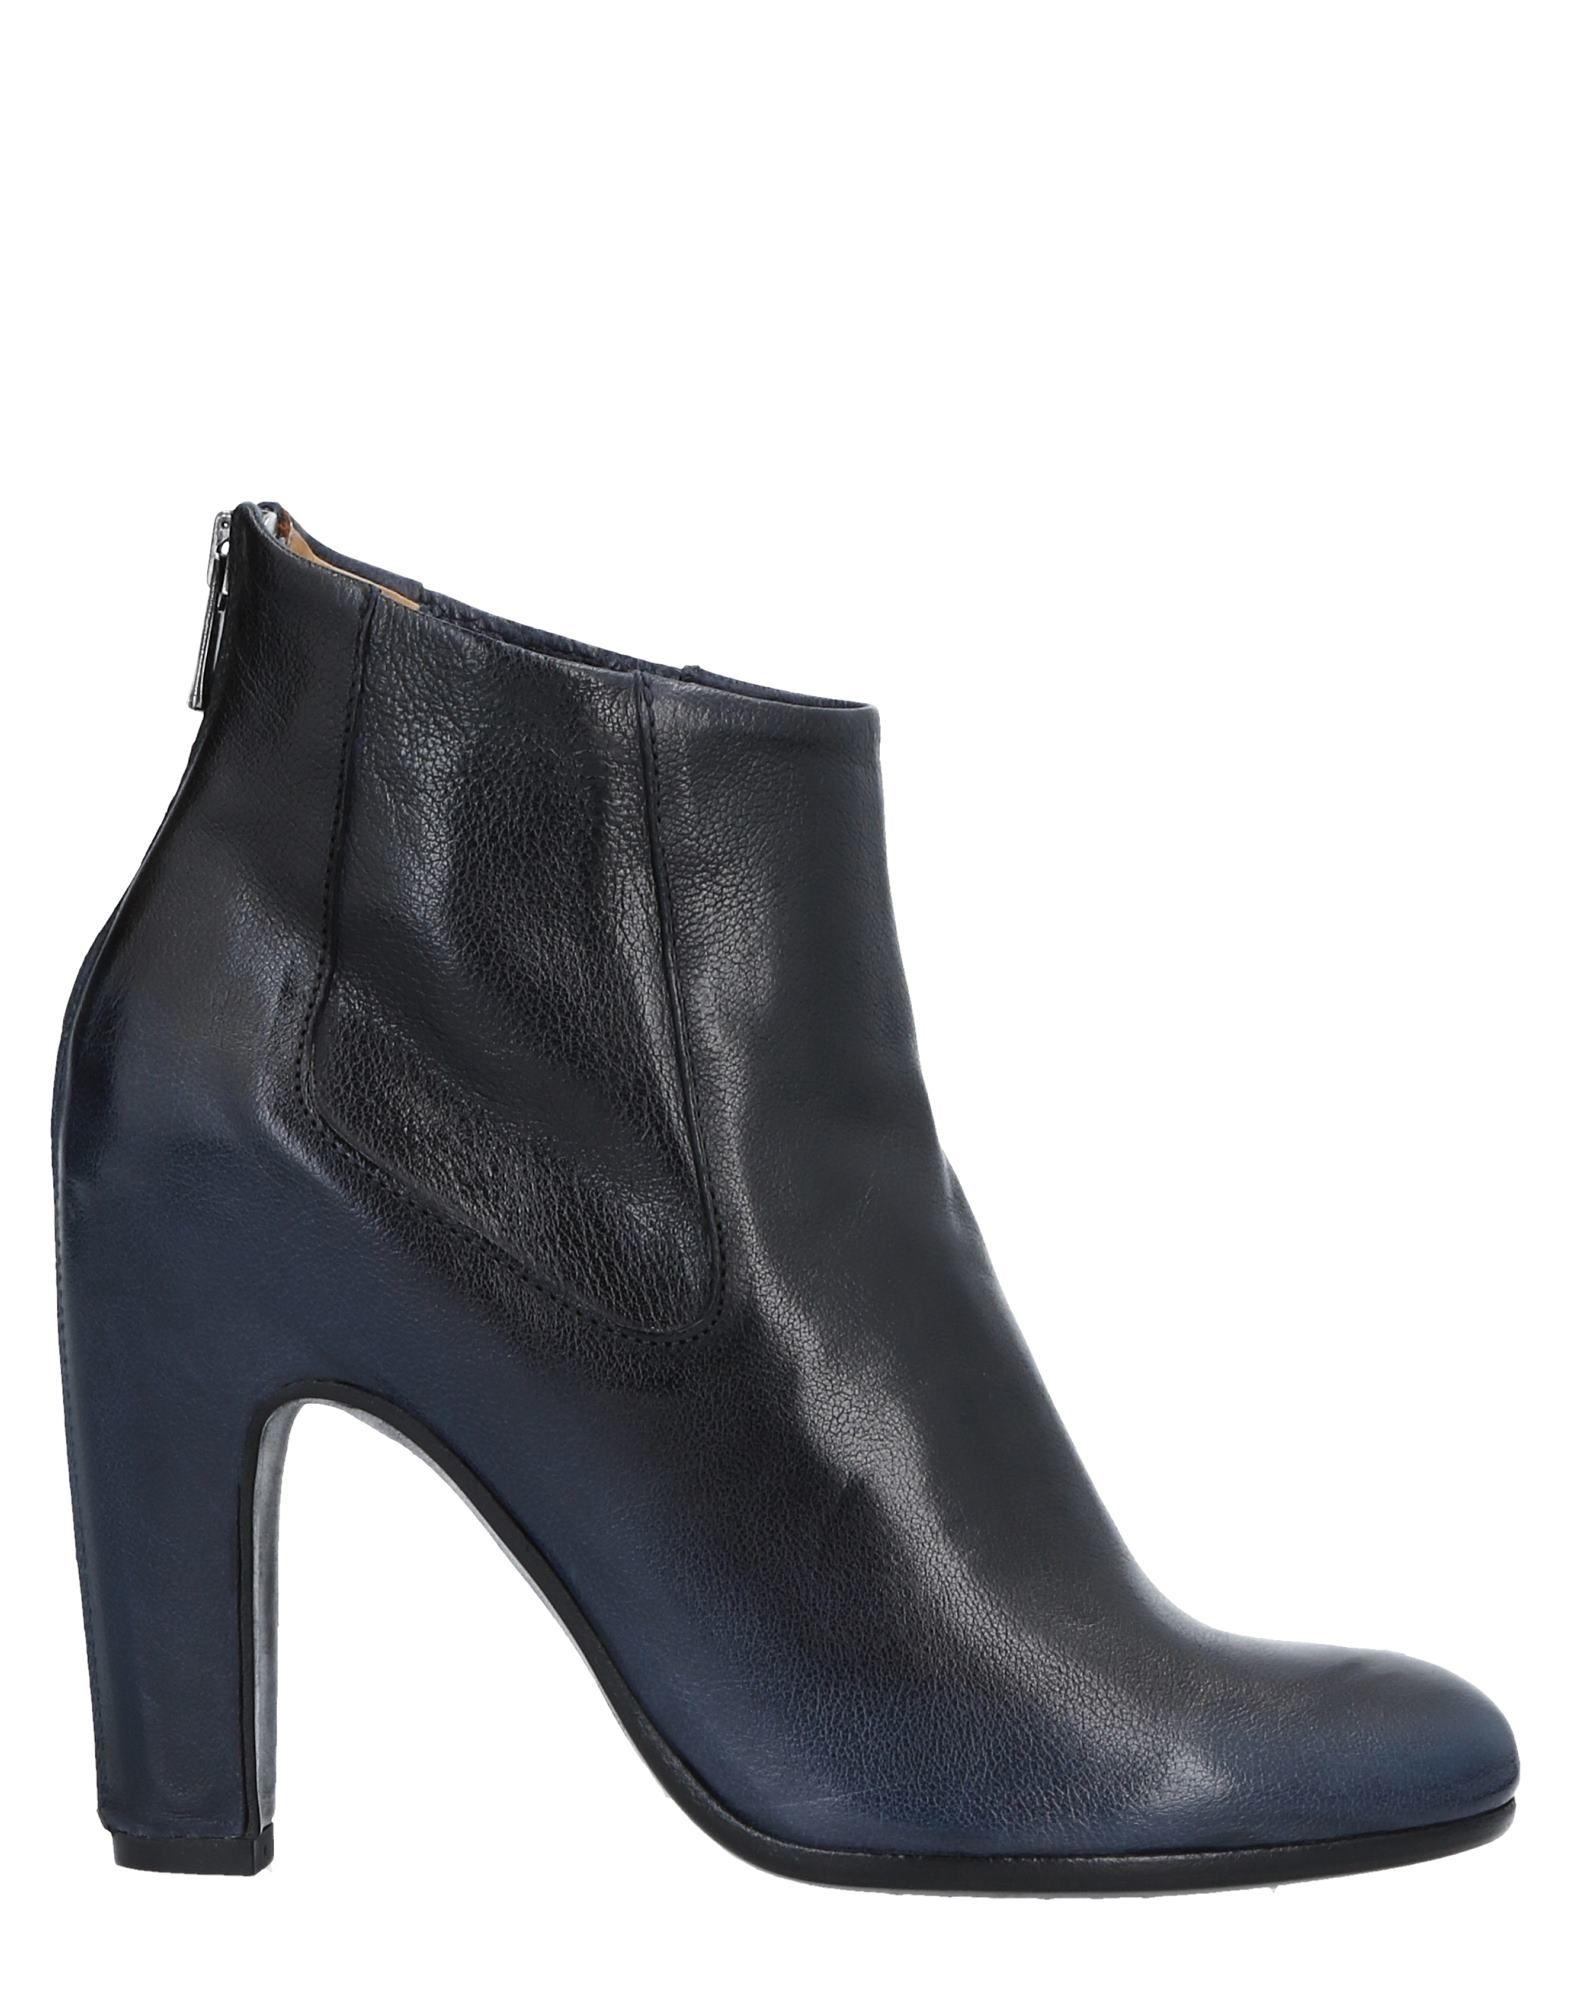 Officine Creative Italia Ankle Boot - Women Officine Creative Italia  Ankle Boots online on  Italia Canada - 11174204NO 29b4f8